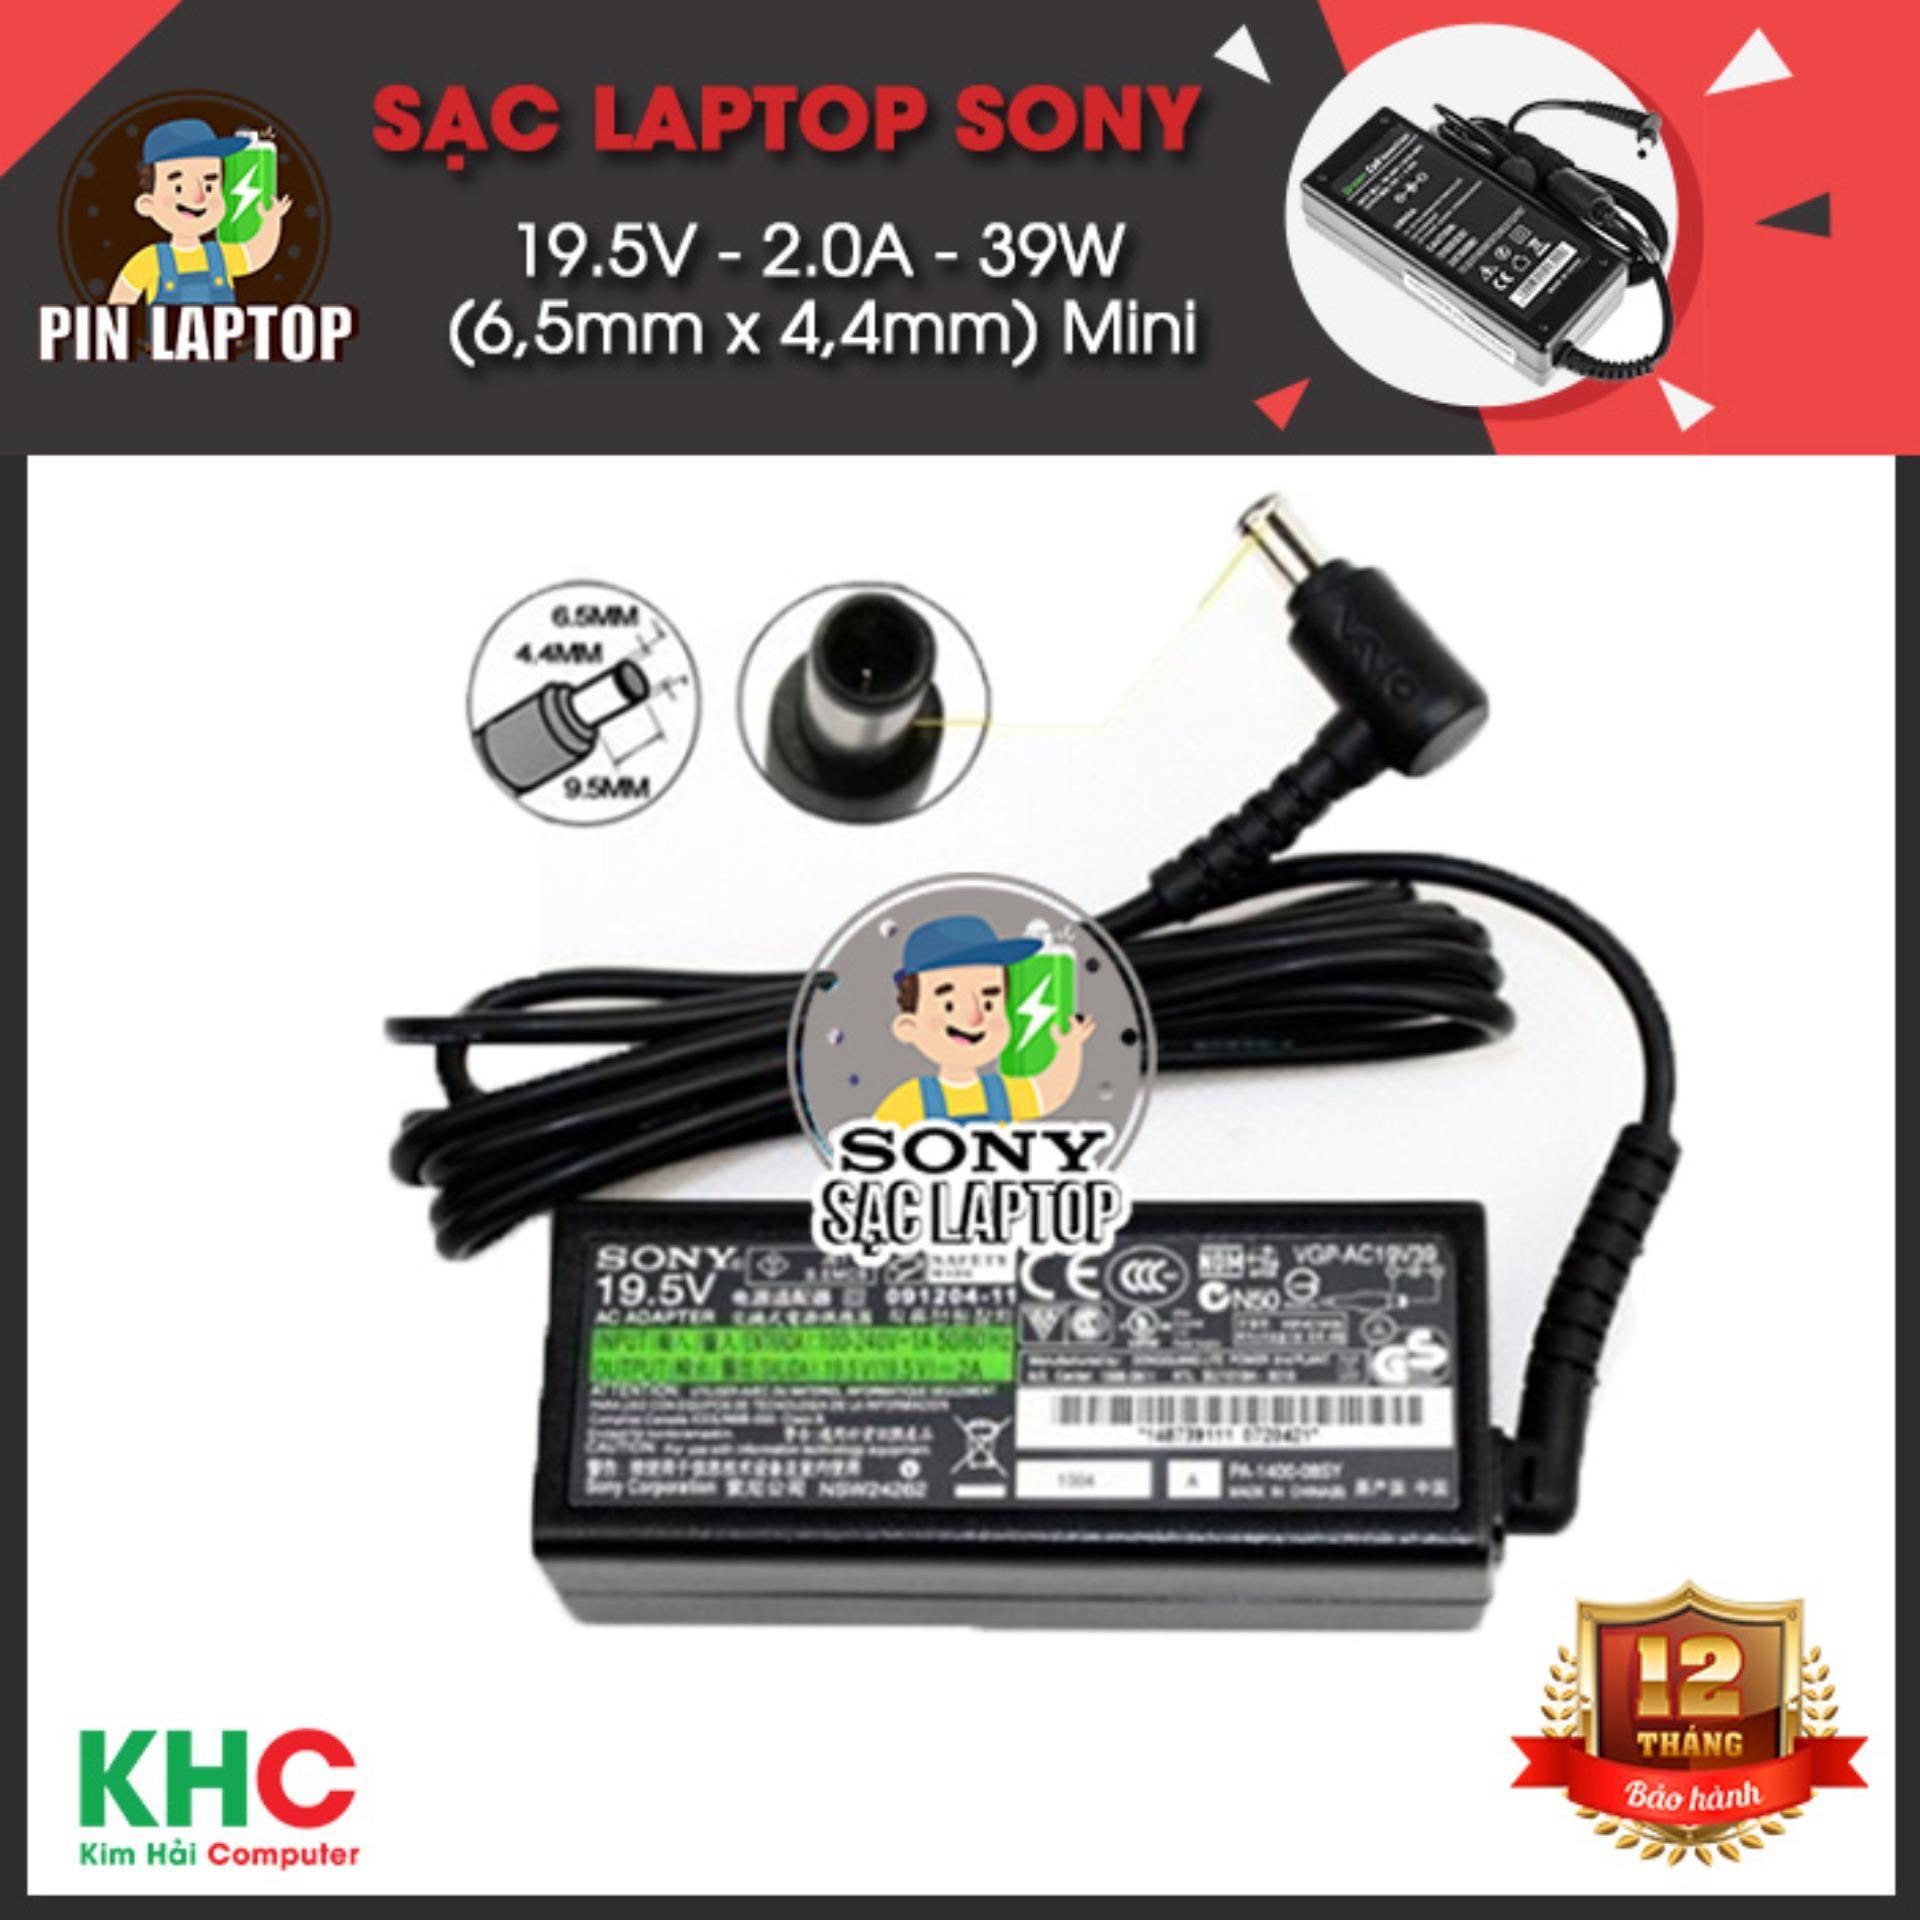 Mã Khuyến Mại Sạc Laptop Sony 19 5V 2 0A 39W 6 5Mm X 4 4Mm Mini Rẻ